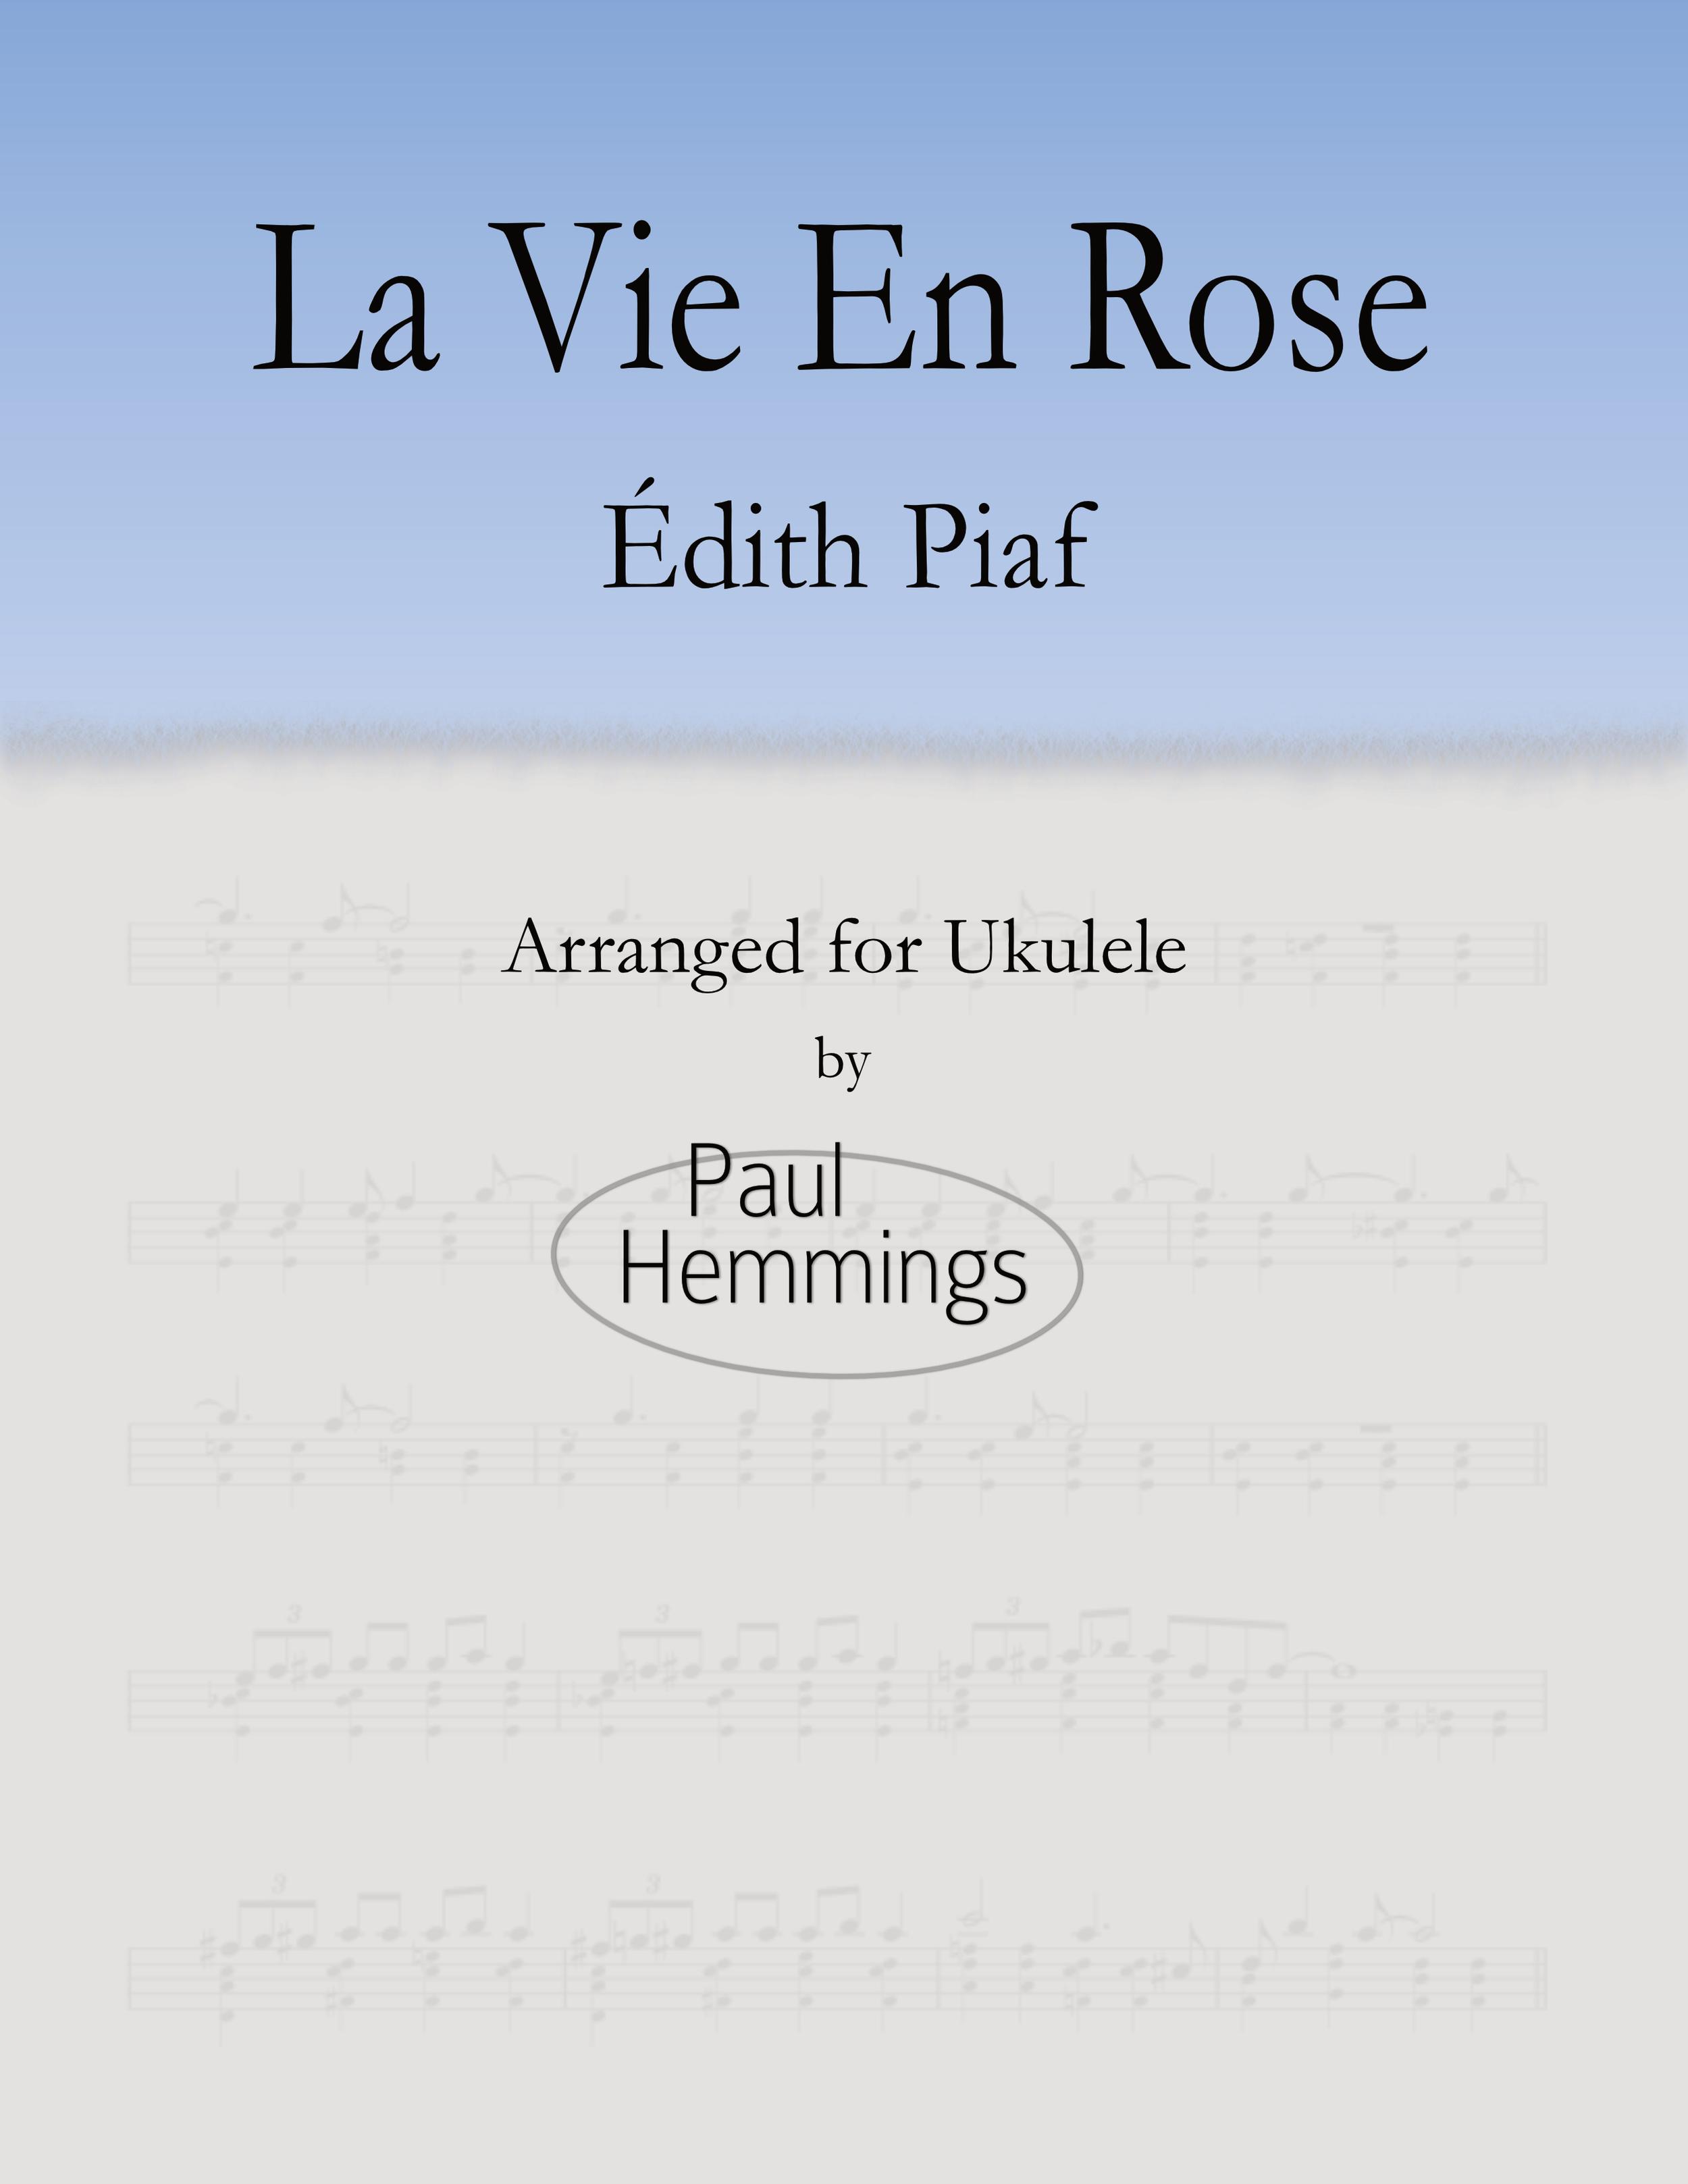 LA VIE EN ROSE cover.png